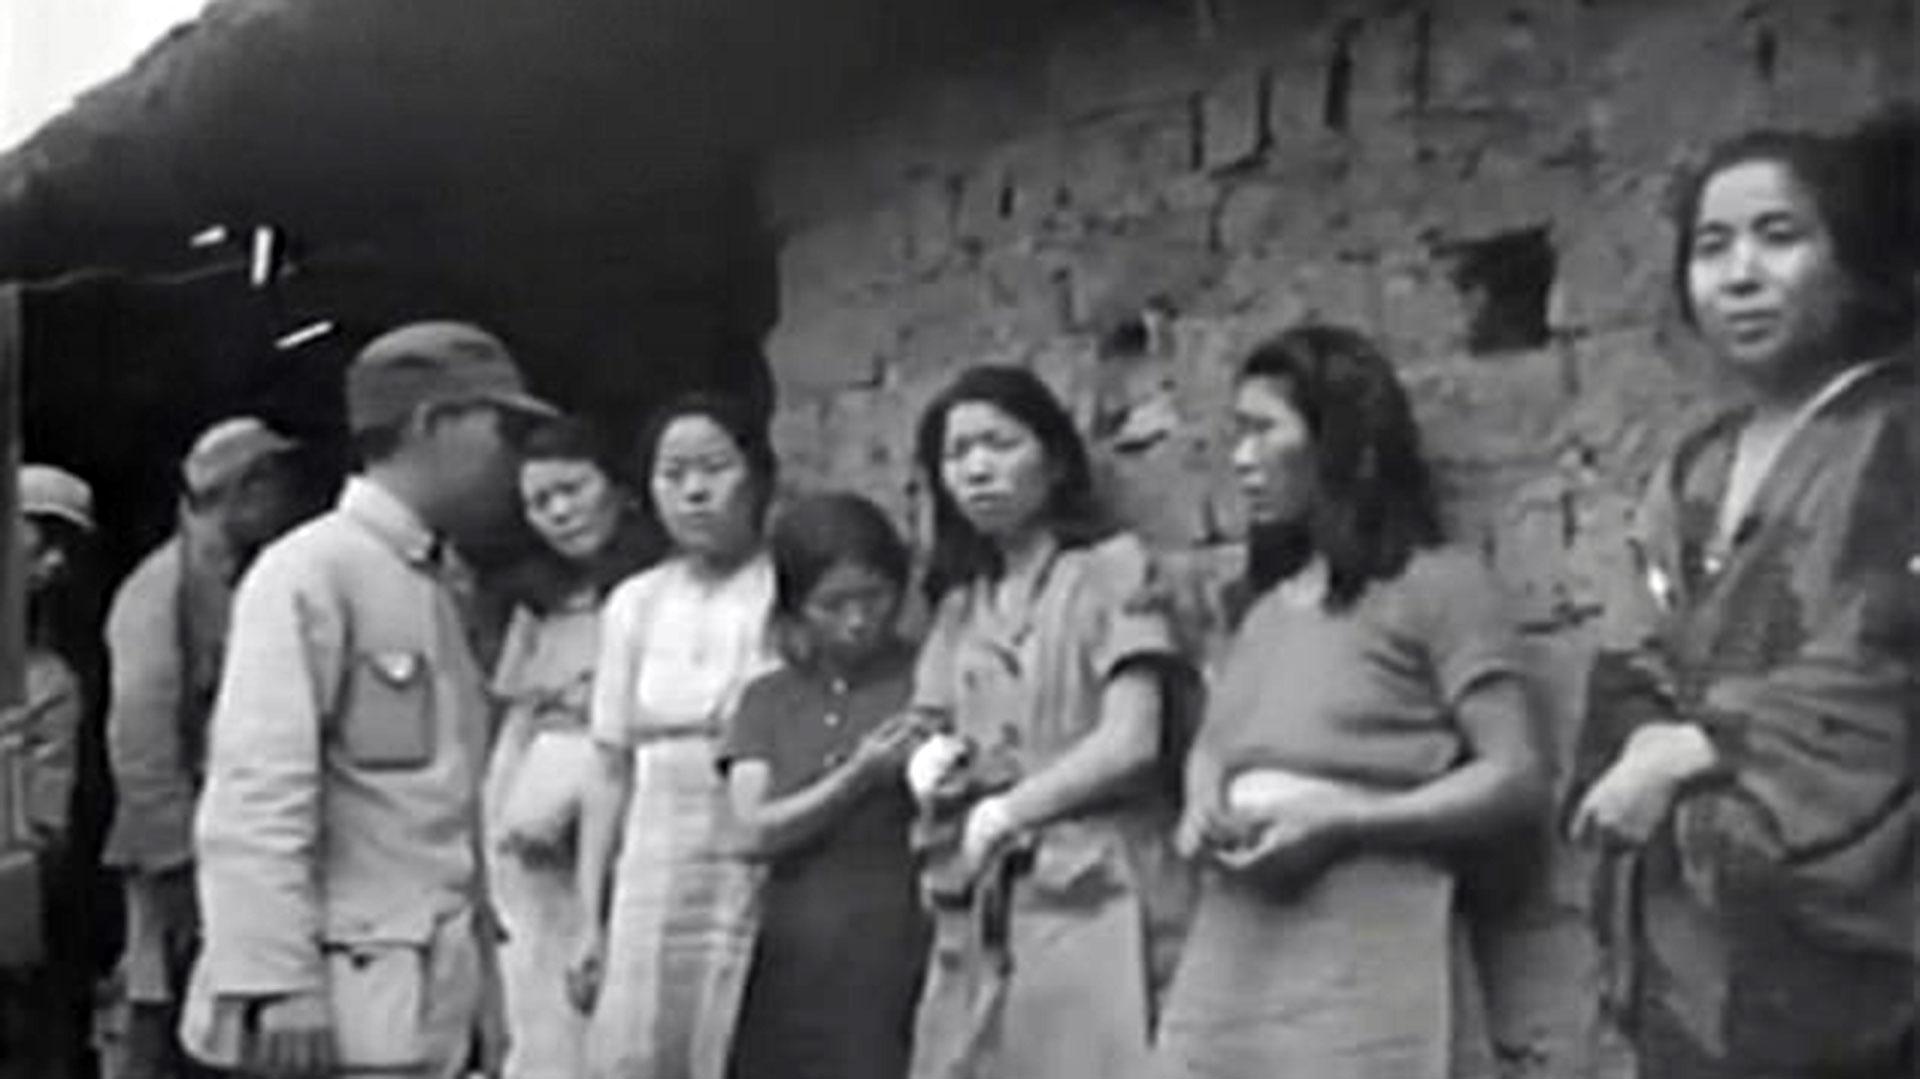 ced0dc0c13 Primeras imágenes de las esclavas sexuales que Japón usaba en la Segunda  Guerra Mundial - Infobae